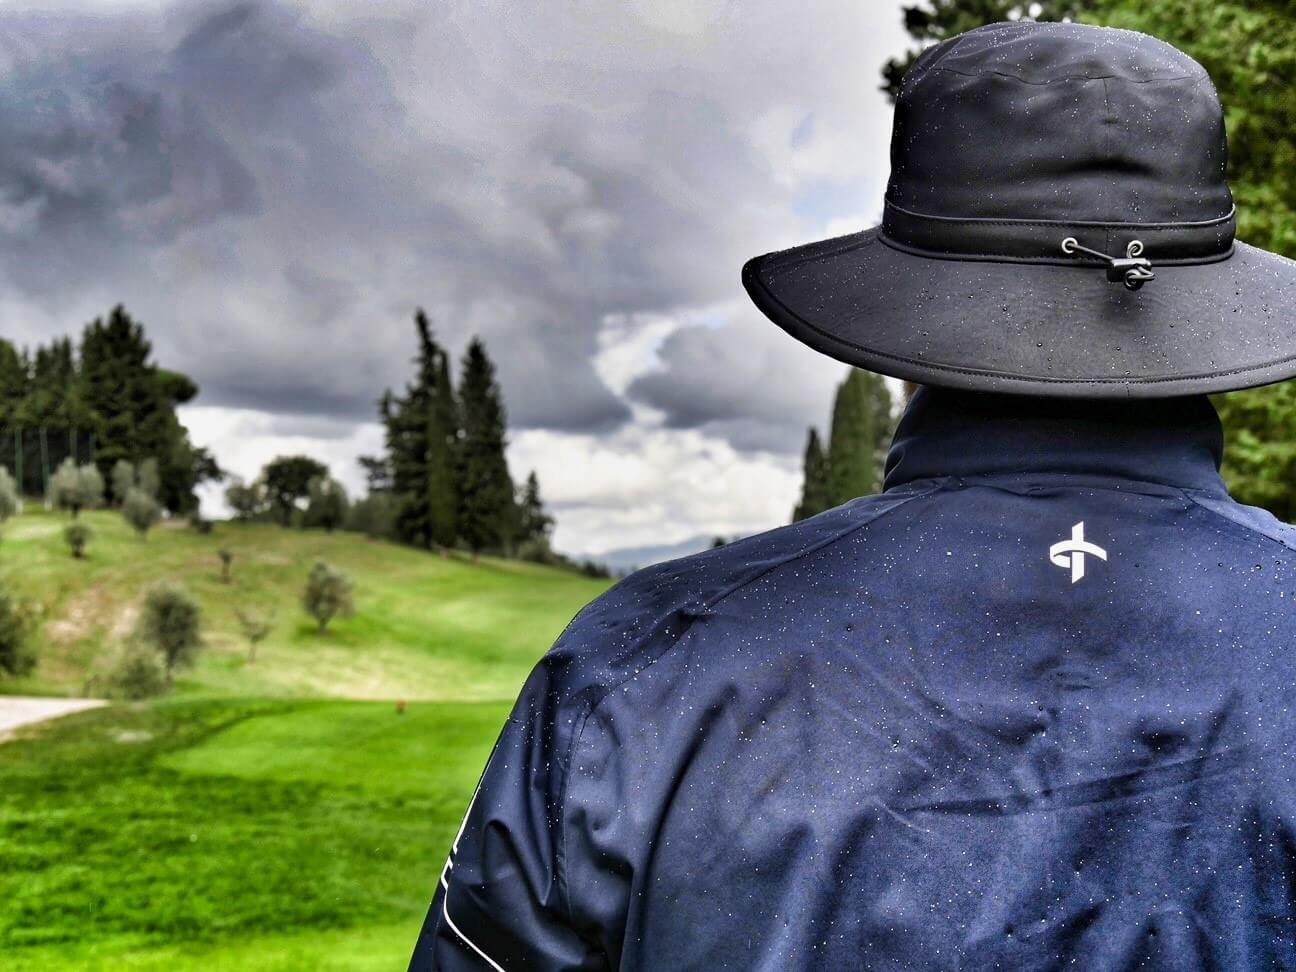 Golfspass bei niedrigen Temperaturen und Regen